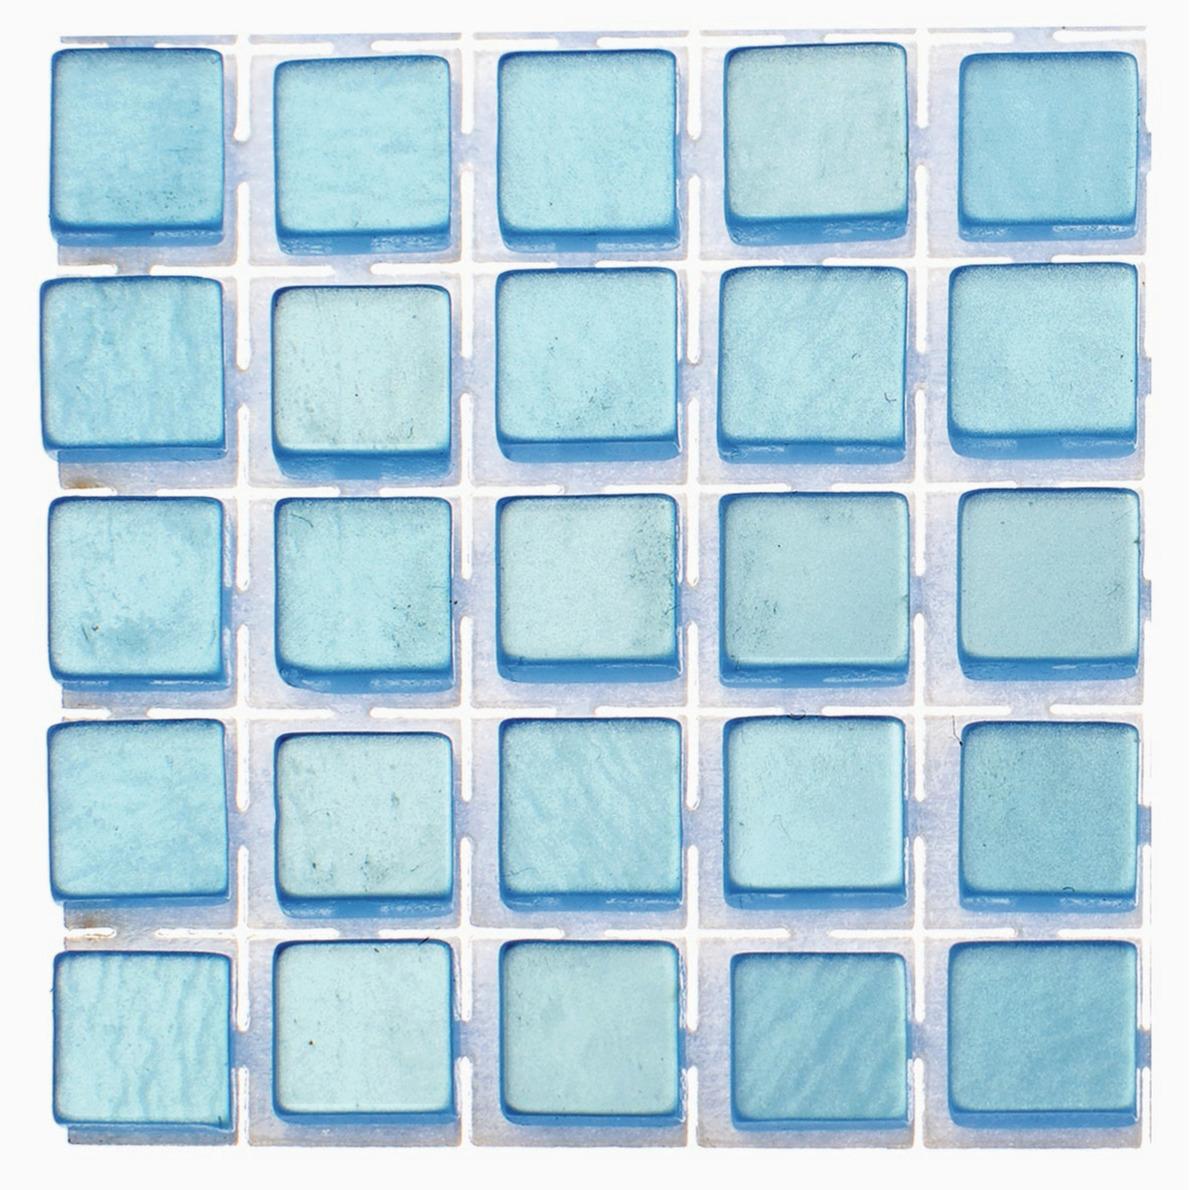 119x stuks mozaieken maken steentjes-tegels kleur lichtblauw 5 x 5 x 2 mm